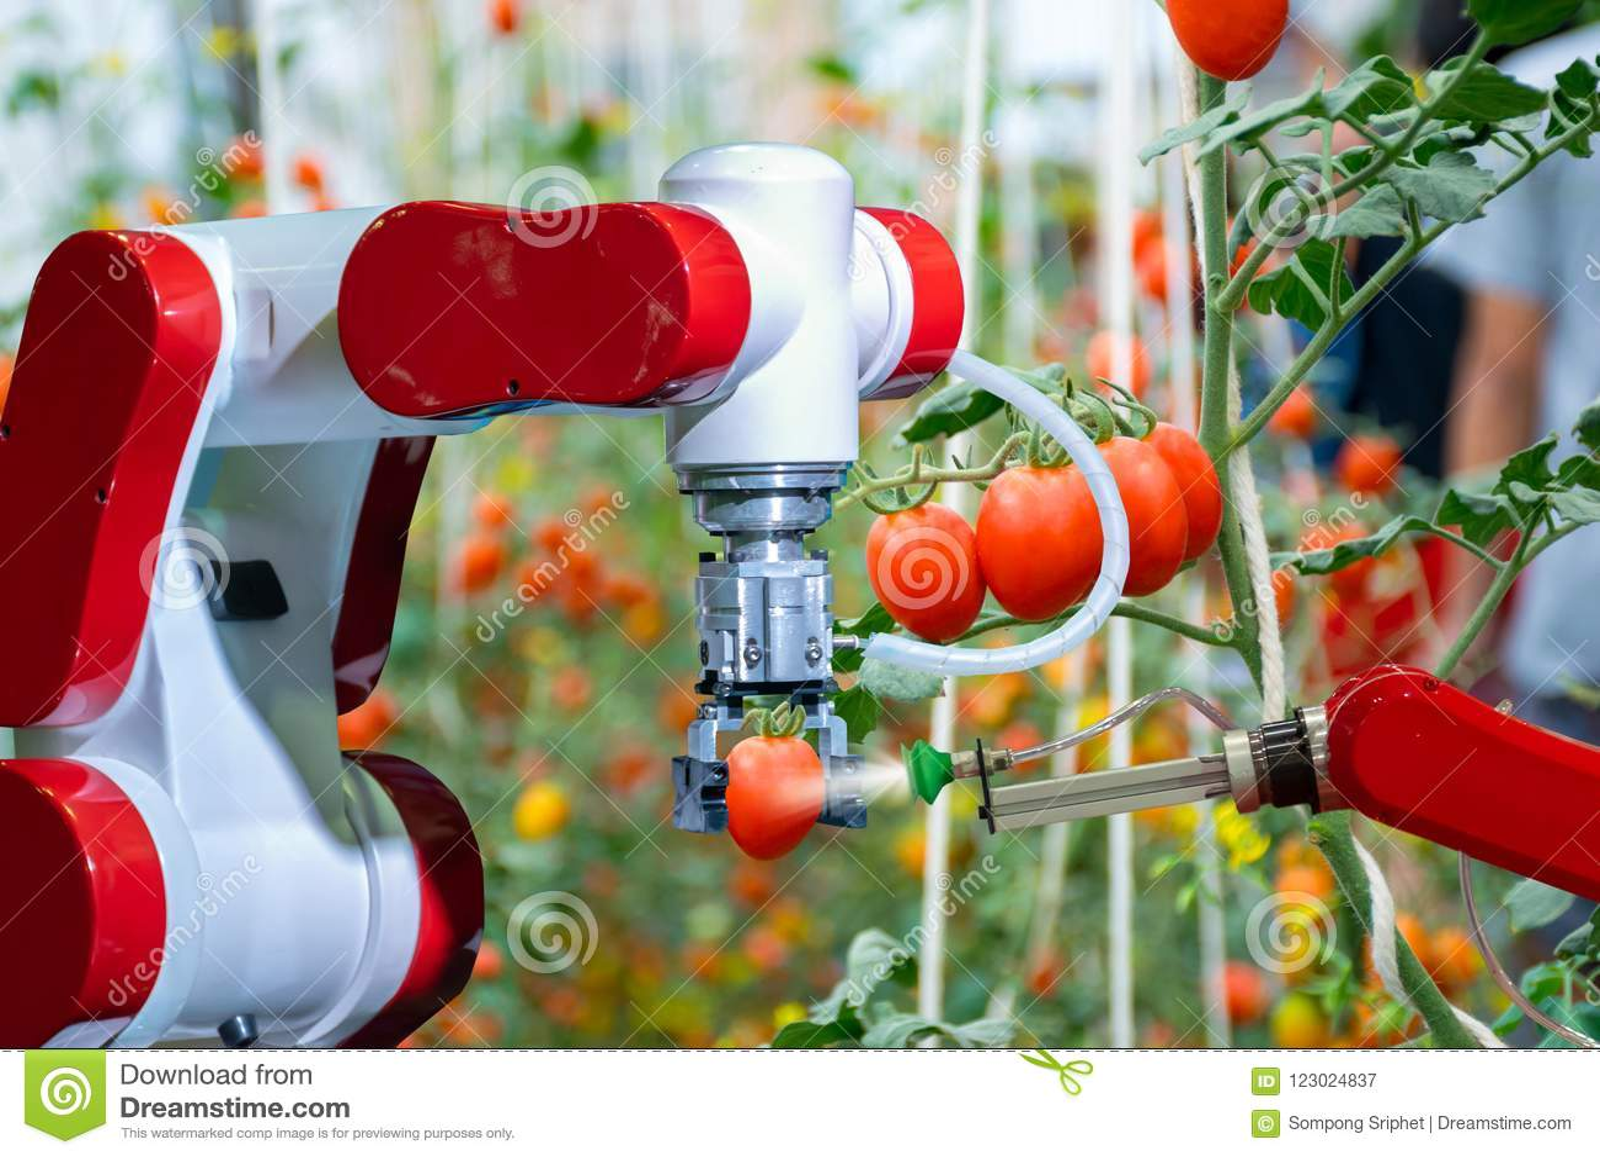 Slimme robotachtige landbouwers in automatisering van de landbouw de futuristische robot aan het werk aan nevel chemische meststo